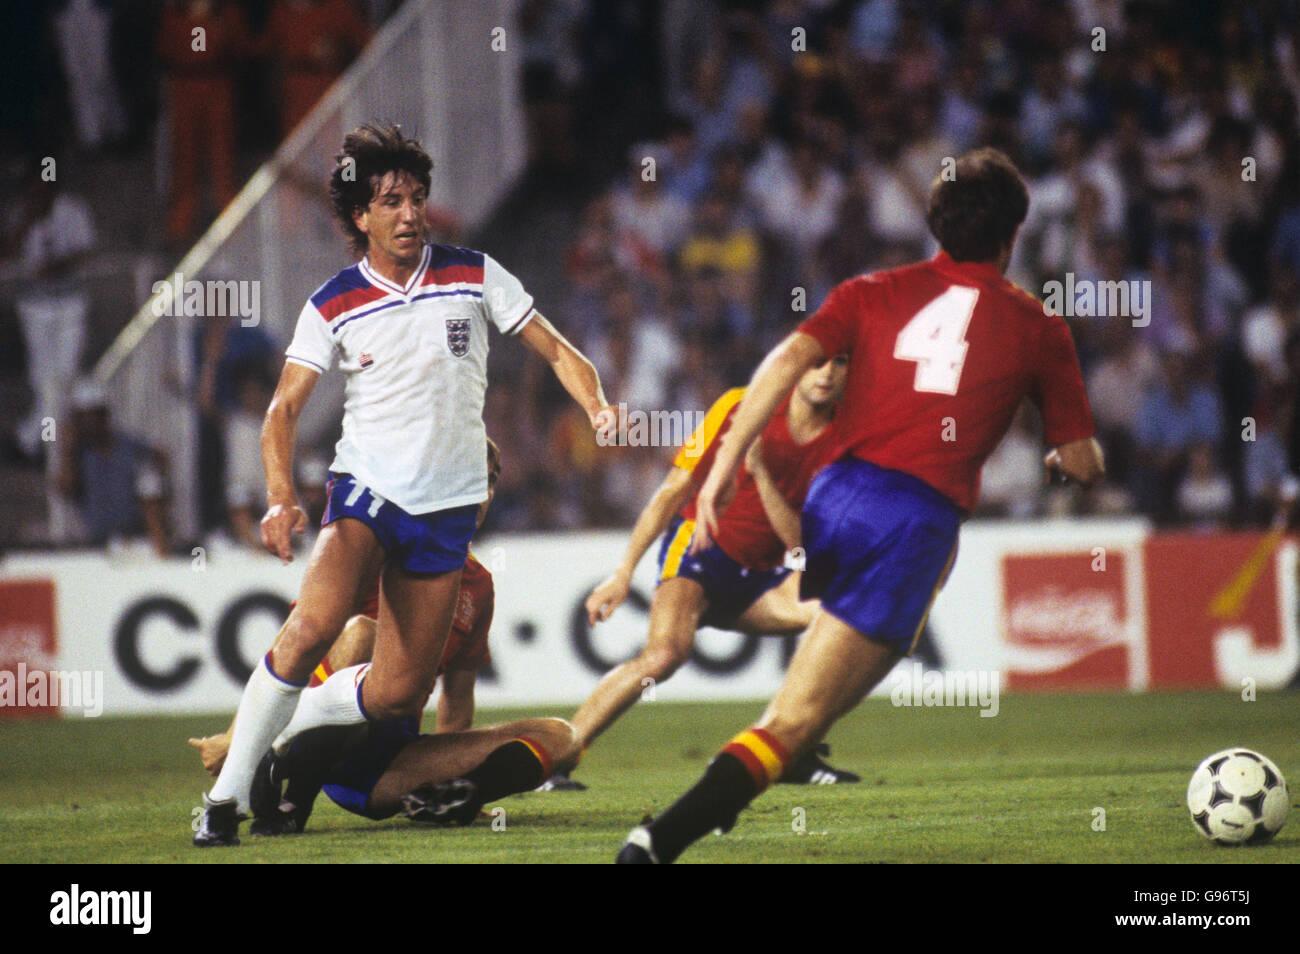 Football coupe du monde espagne 1982 groupe b angleterre espagne banque d 39 images photo - Coupe du monde de football 1982 ...